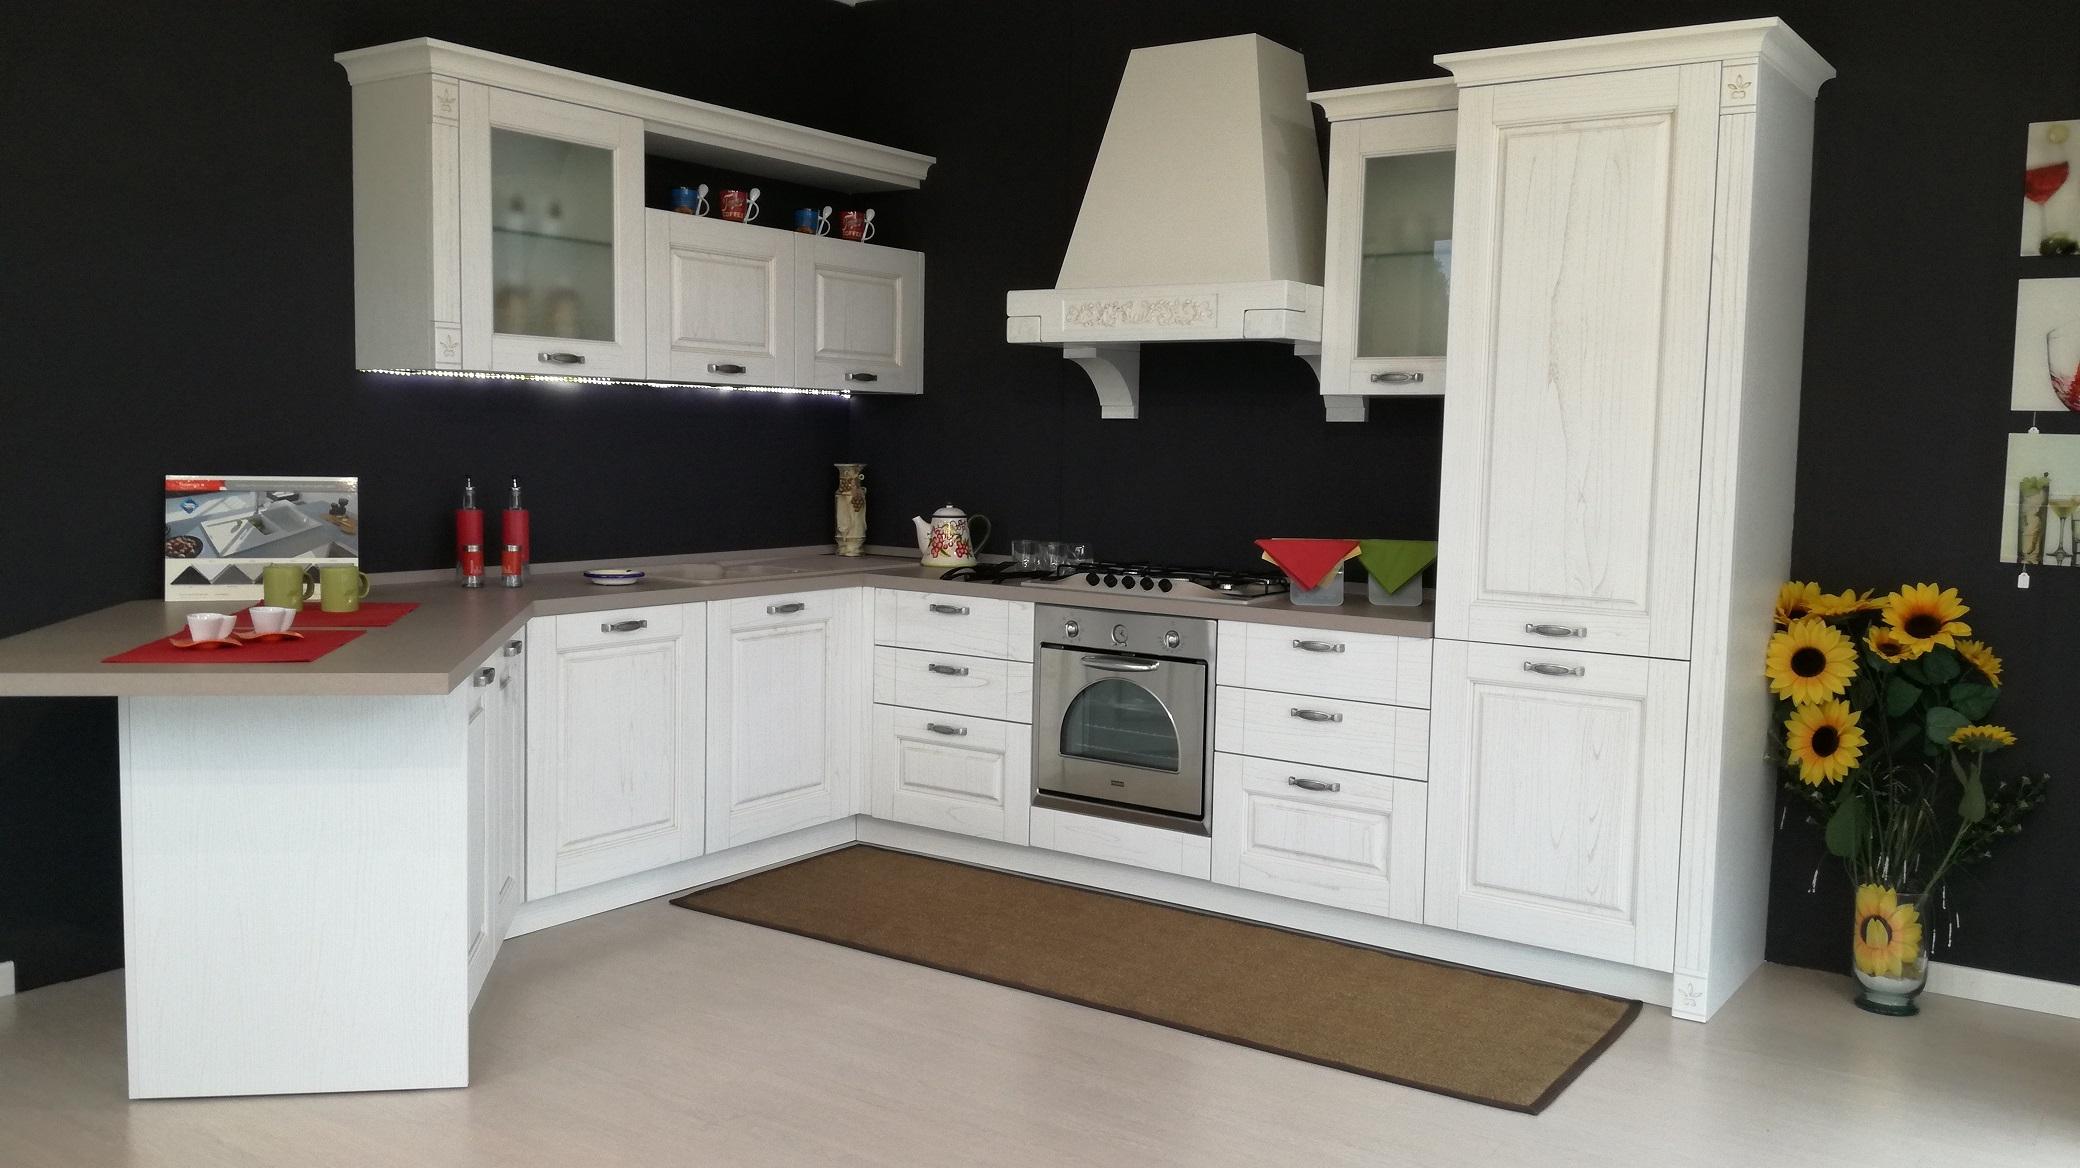 Cucina angolare con penisola gentili cucine mod olivia for Cucina luna arredo3 prezzi